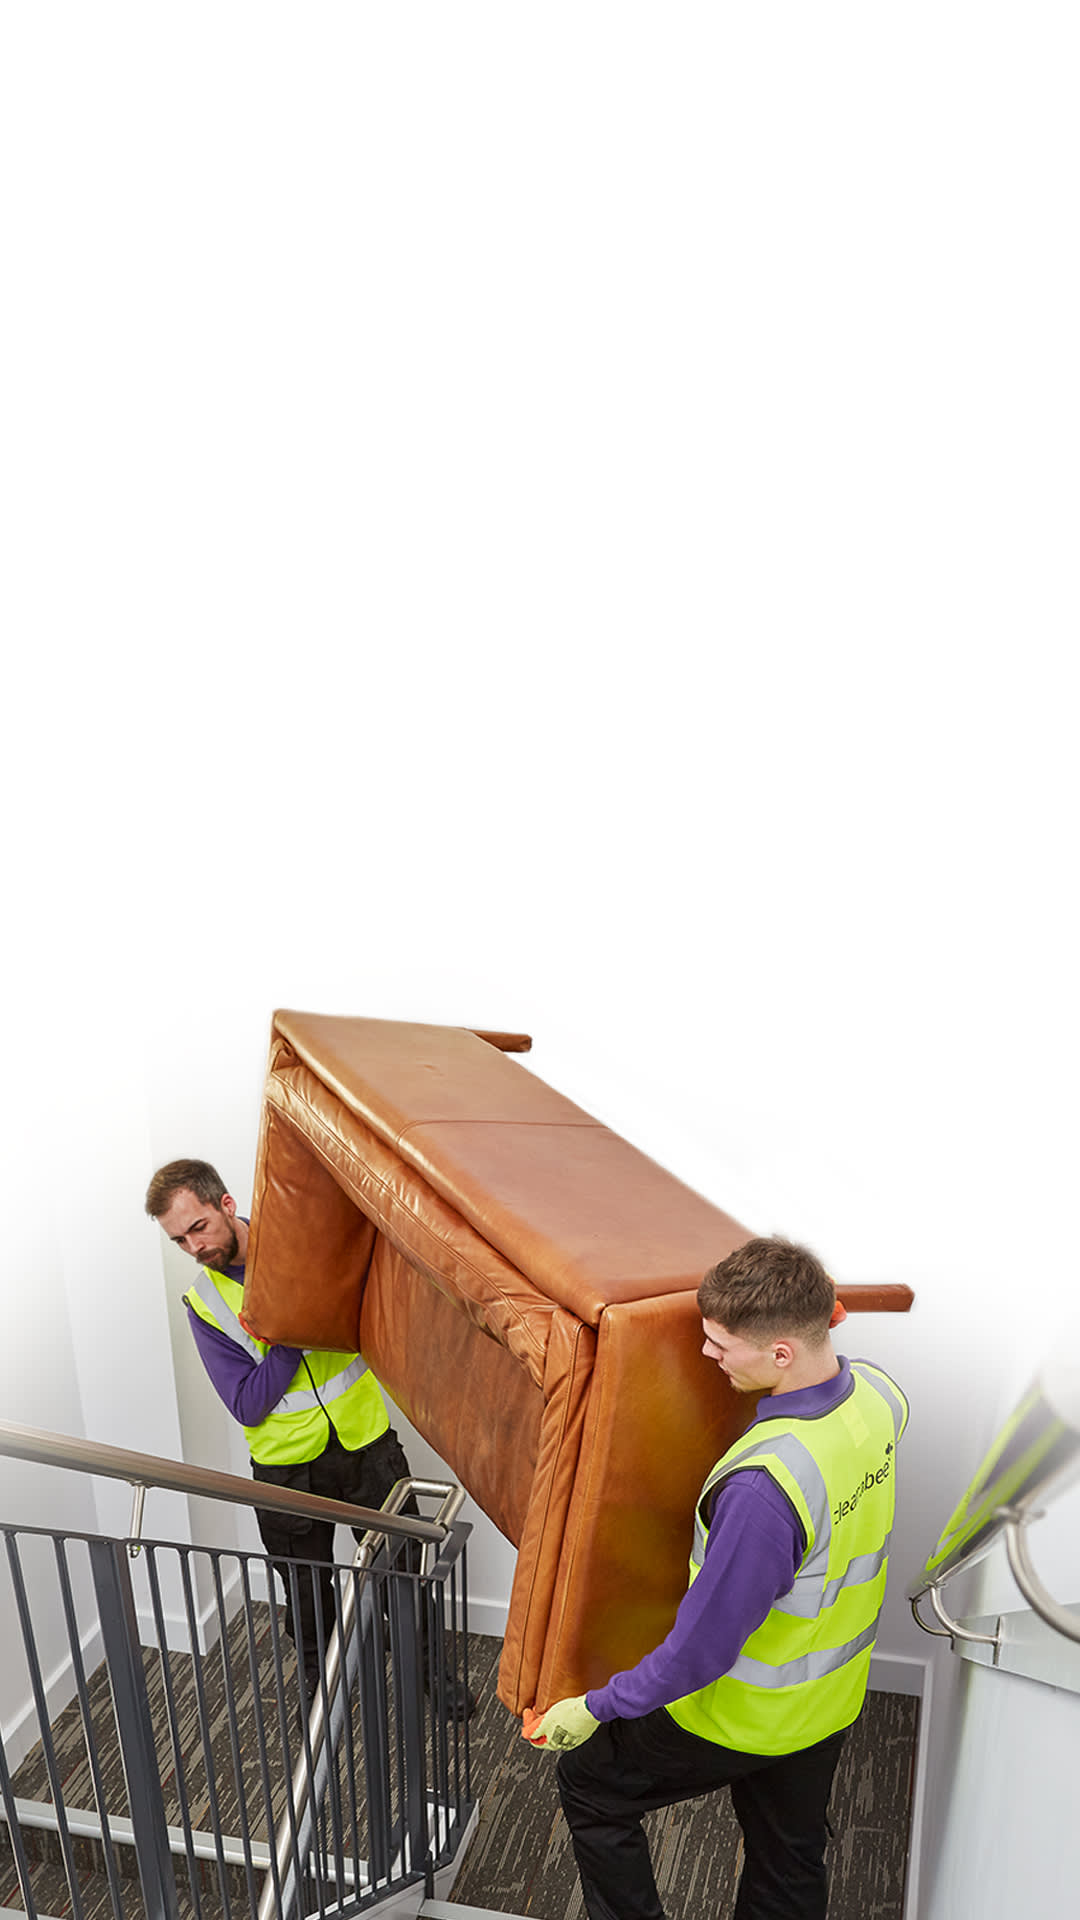 Sofa Rescue